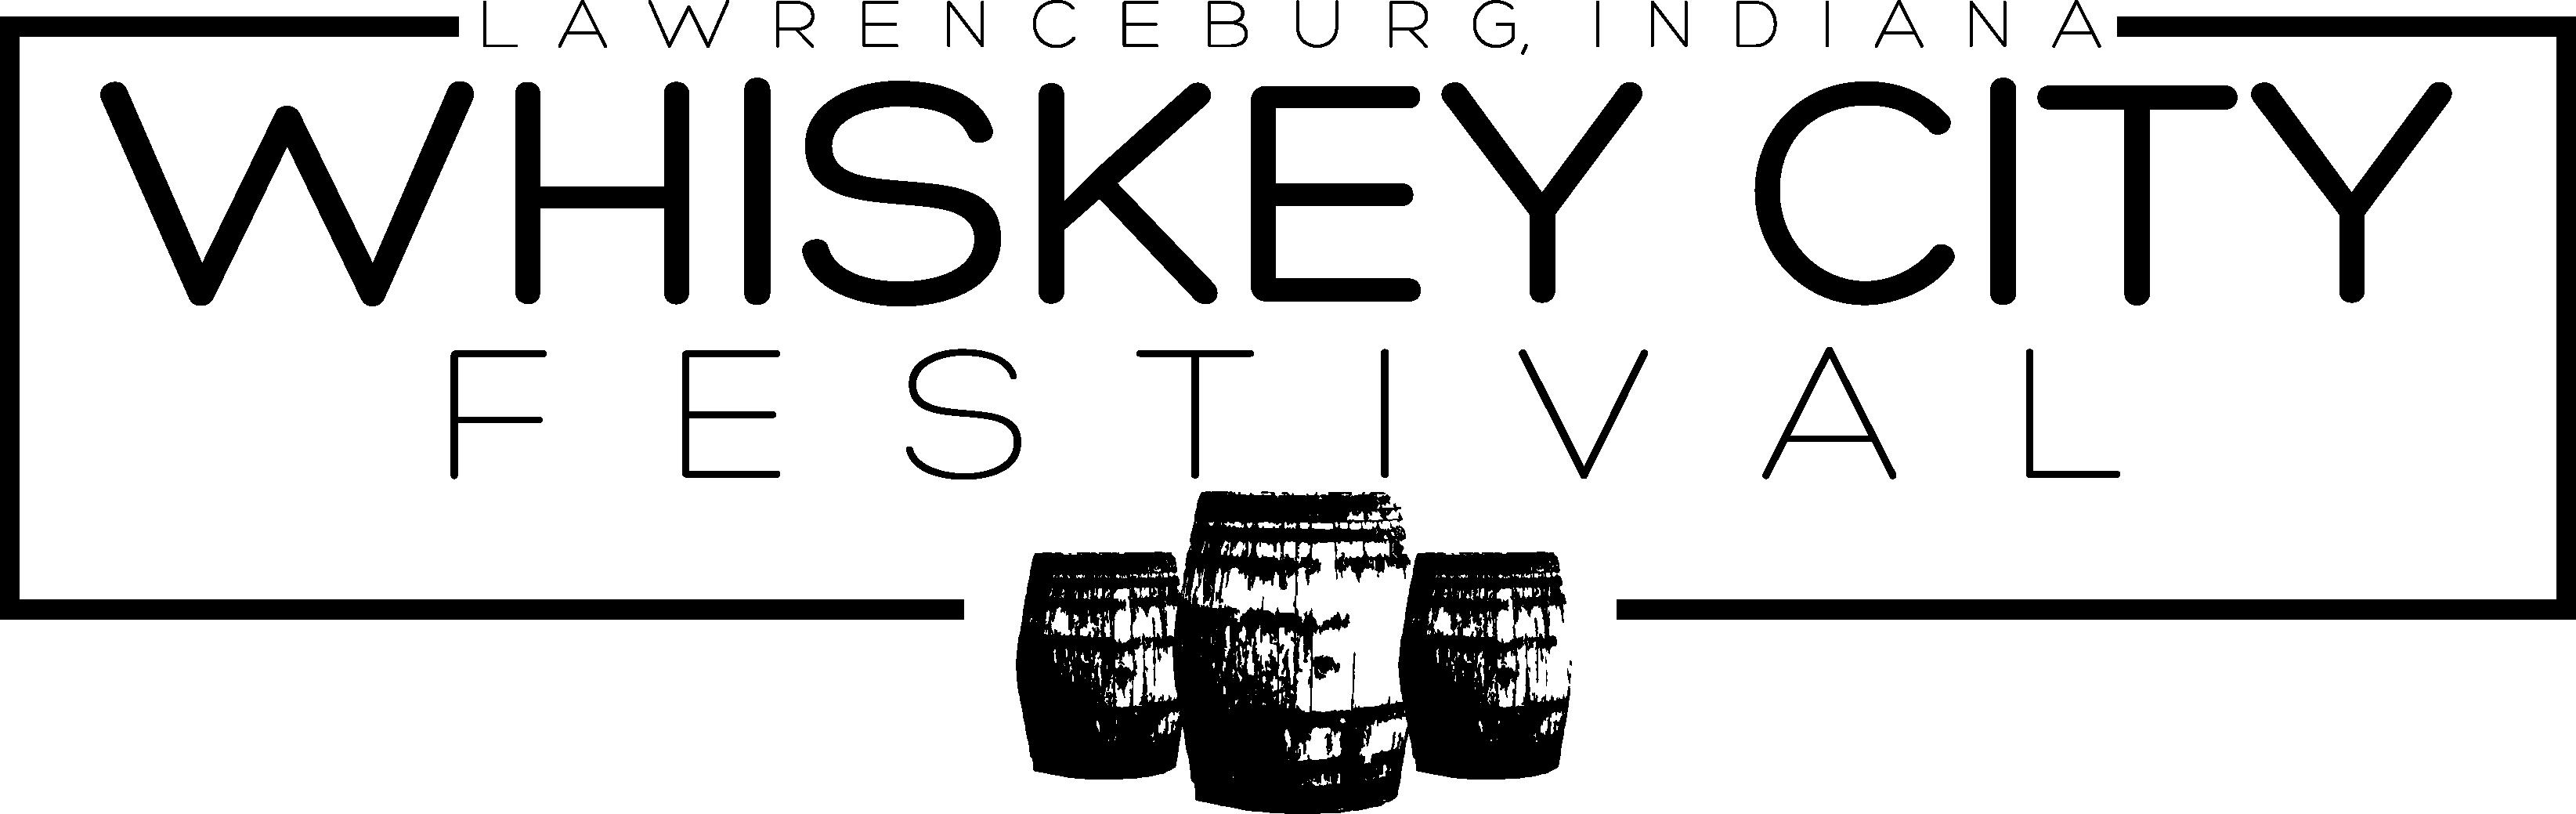 Whiskey city logo